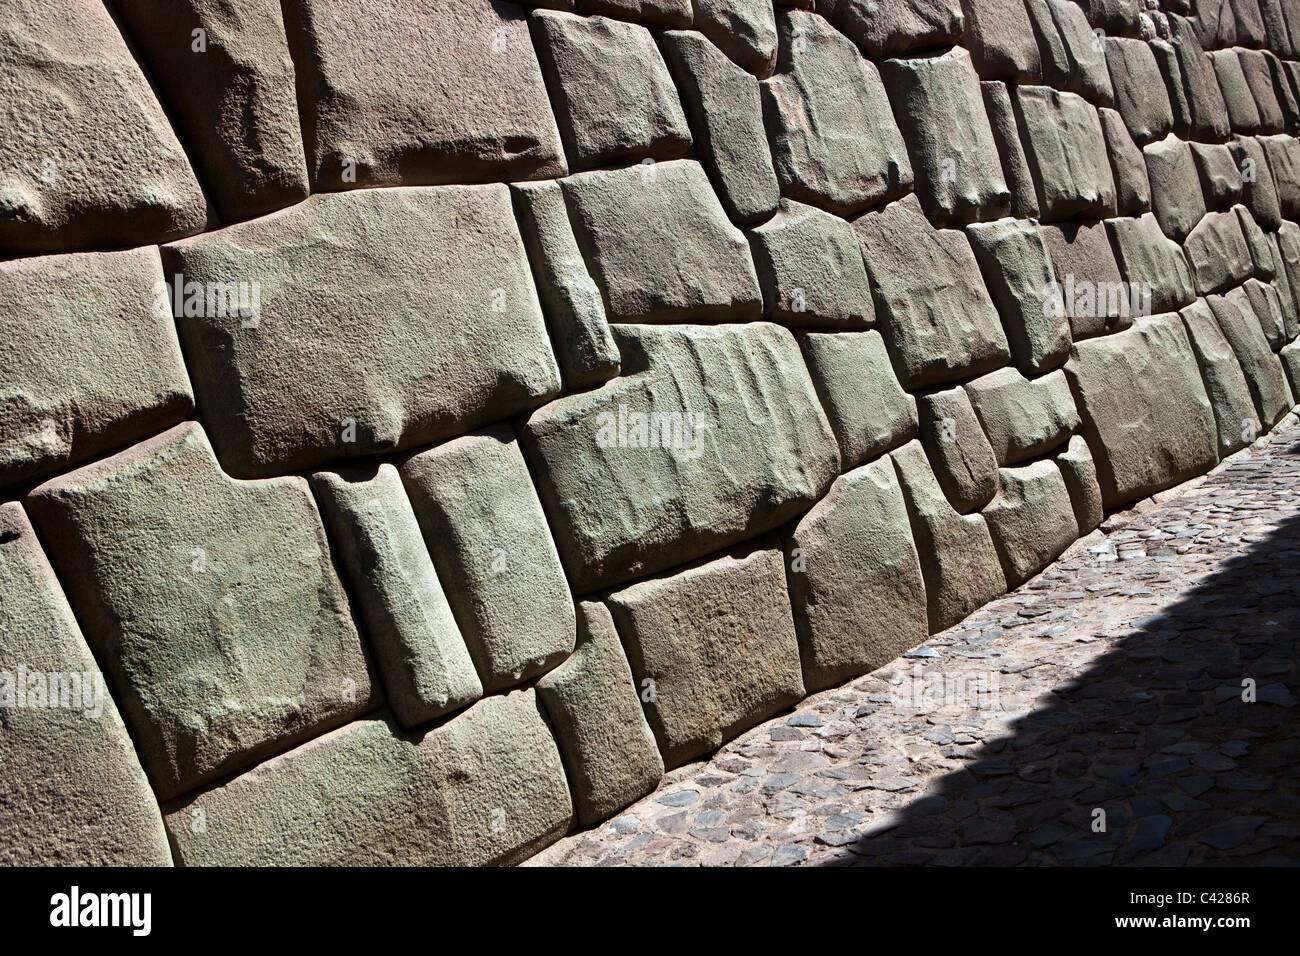 Cuzco, la parete del museo di arte religiosa, prima appartenenti al sesto Inca, Inca Roca. Esempi di muratura poligonale. Immagini Stock